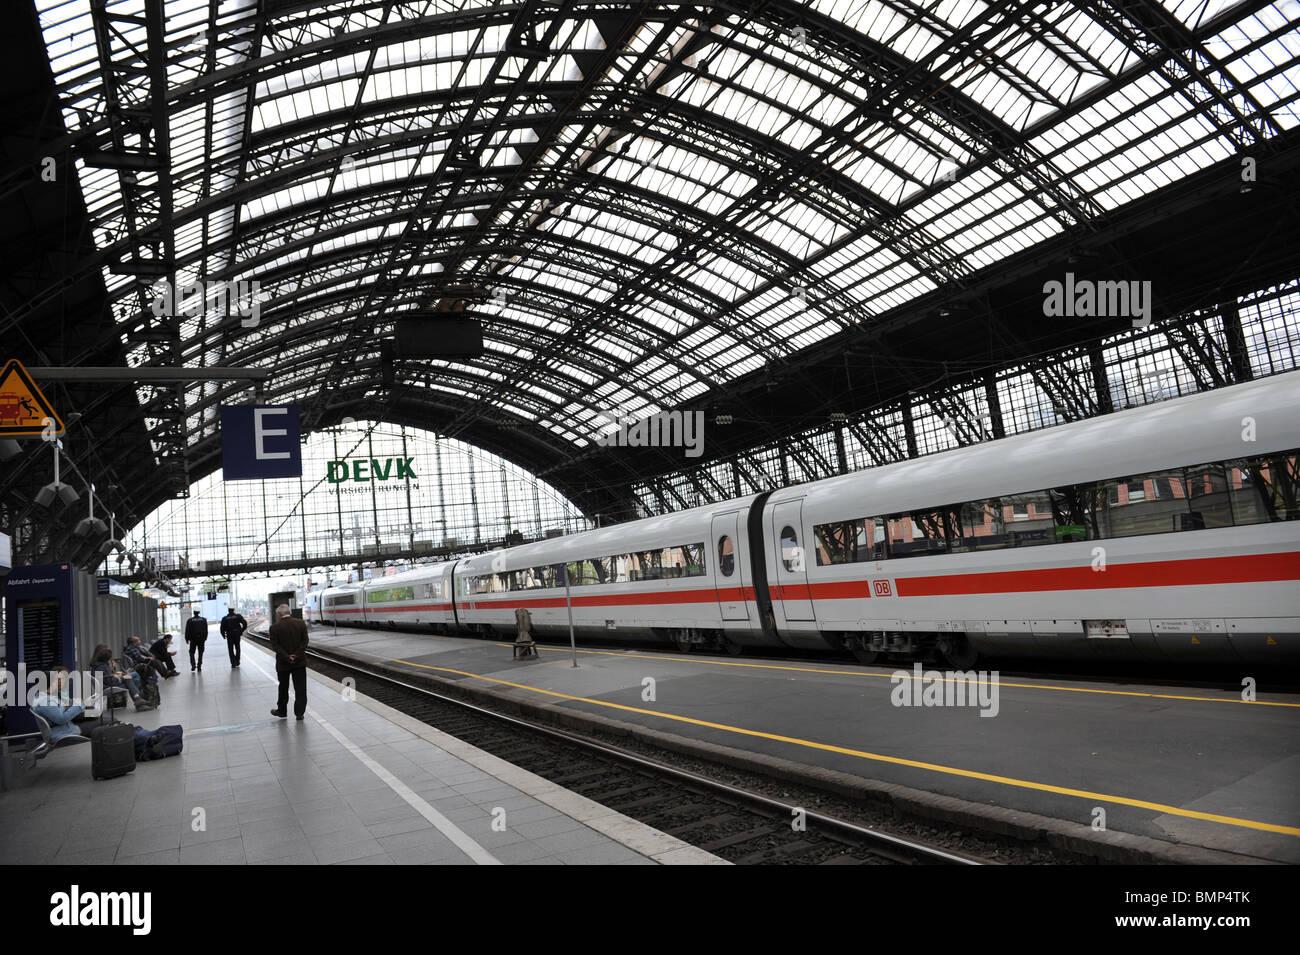 Bahnhof Köln Köln Deutschland Deutschland Europa mit Deutsche Bahn DB ICE Zug Stockbild